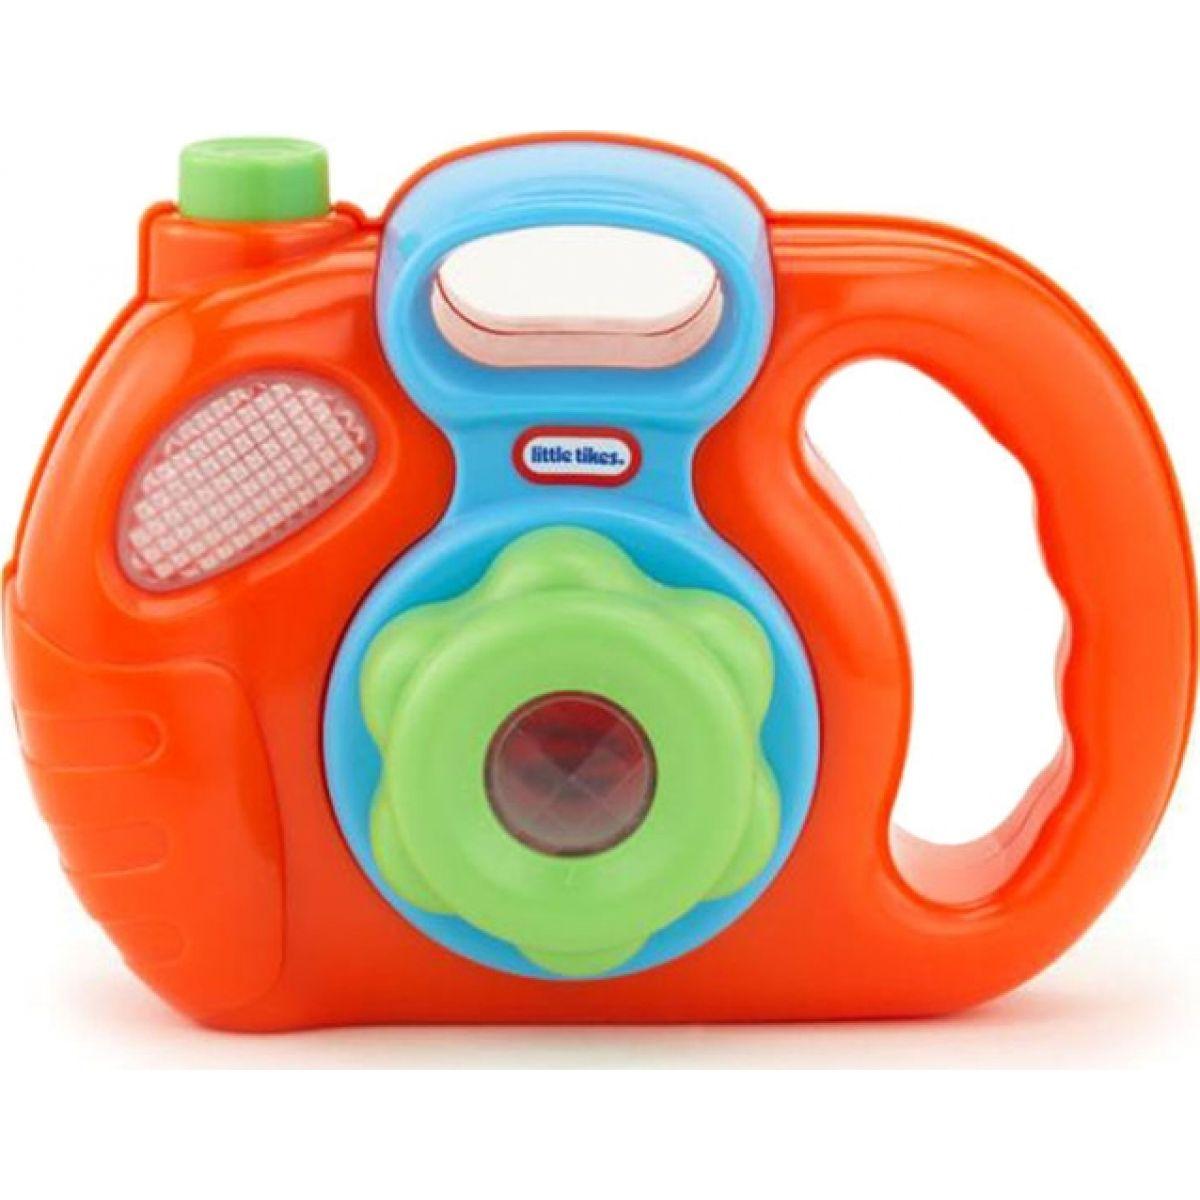 Little Tikes Můj první fotoaparát - Oranžová